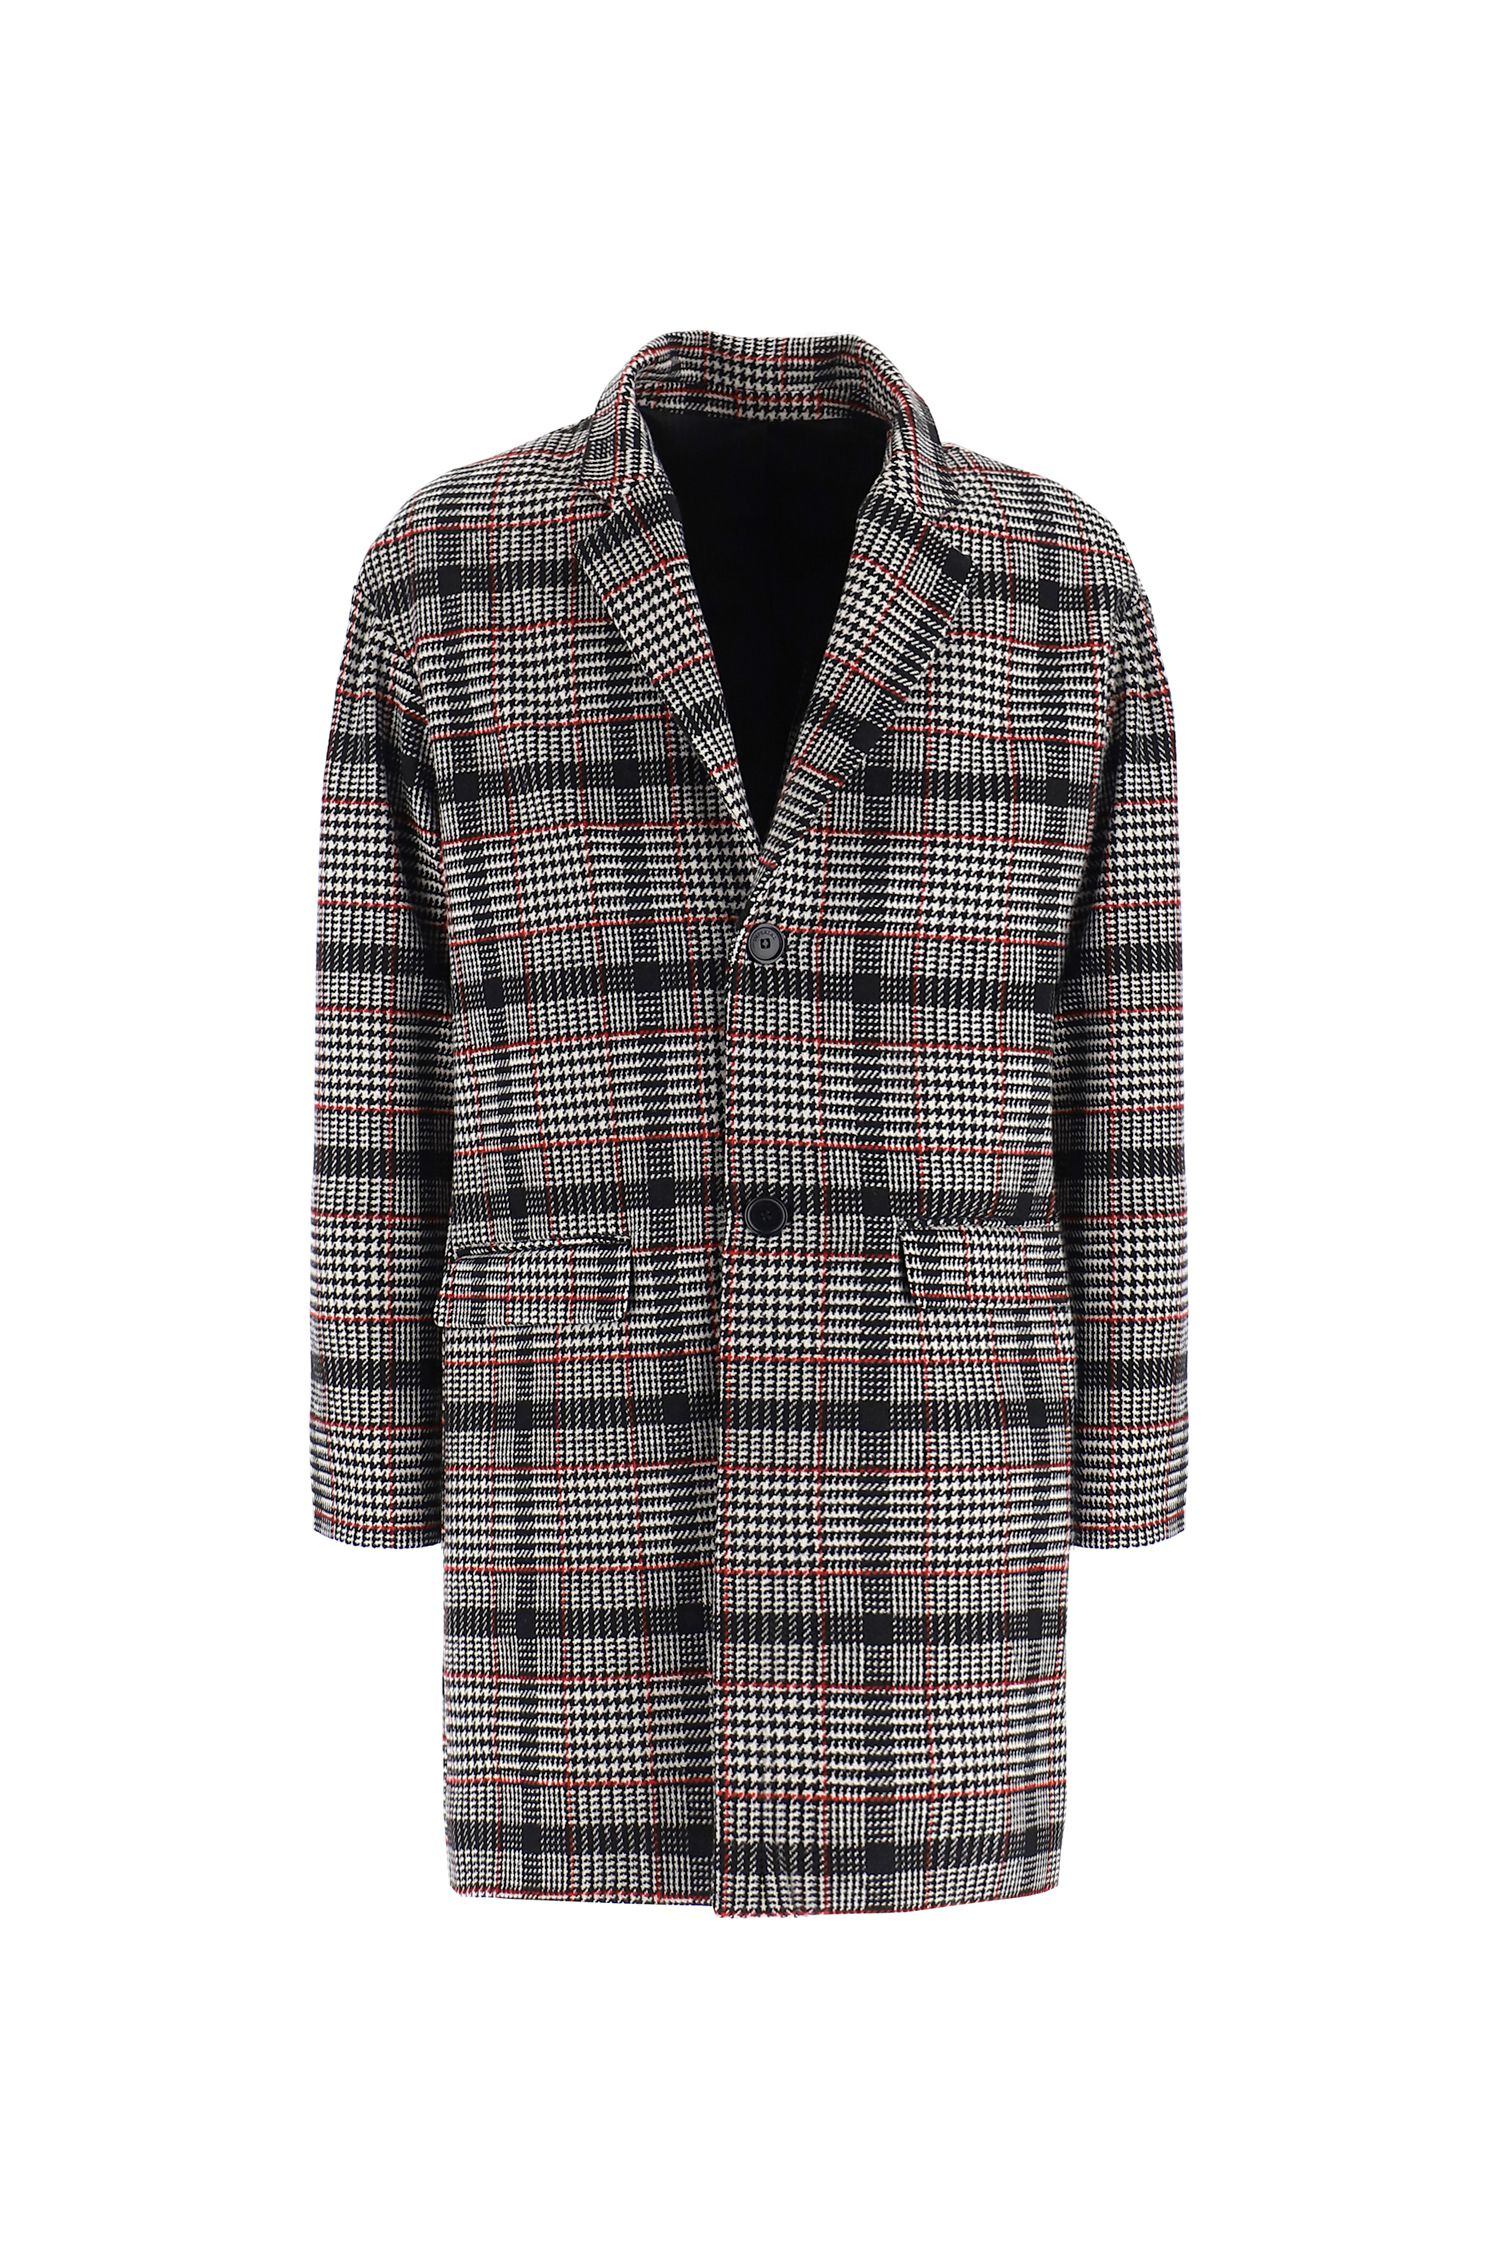 Cappotti uomo: le tendenze moda autunno inverno 2019 2020